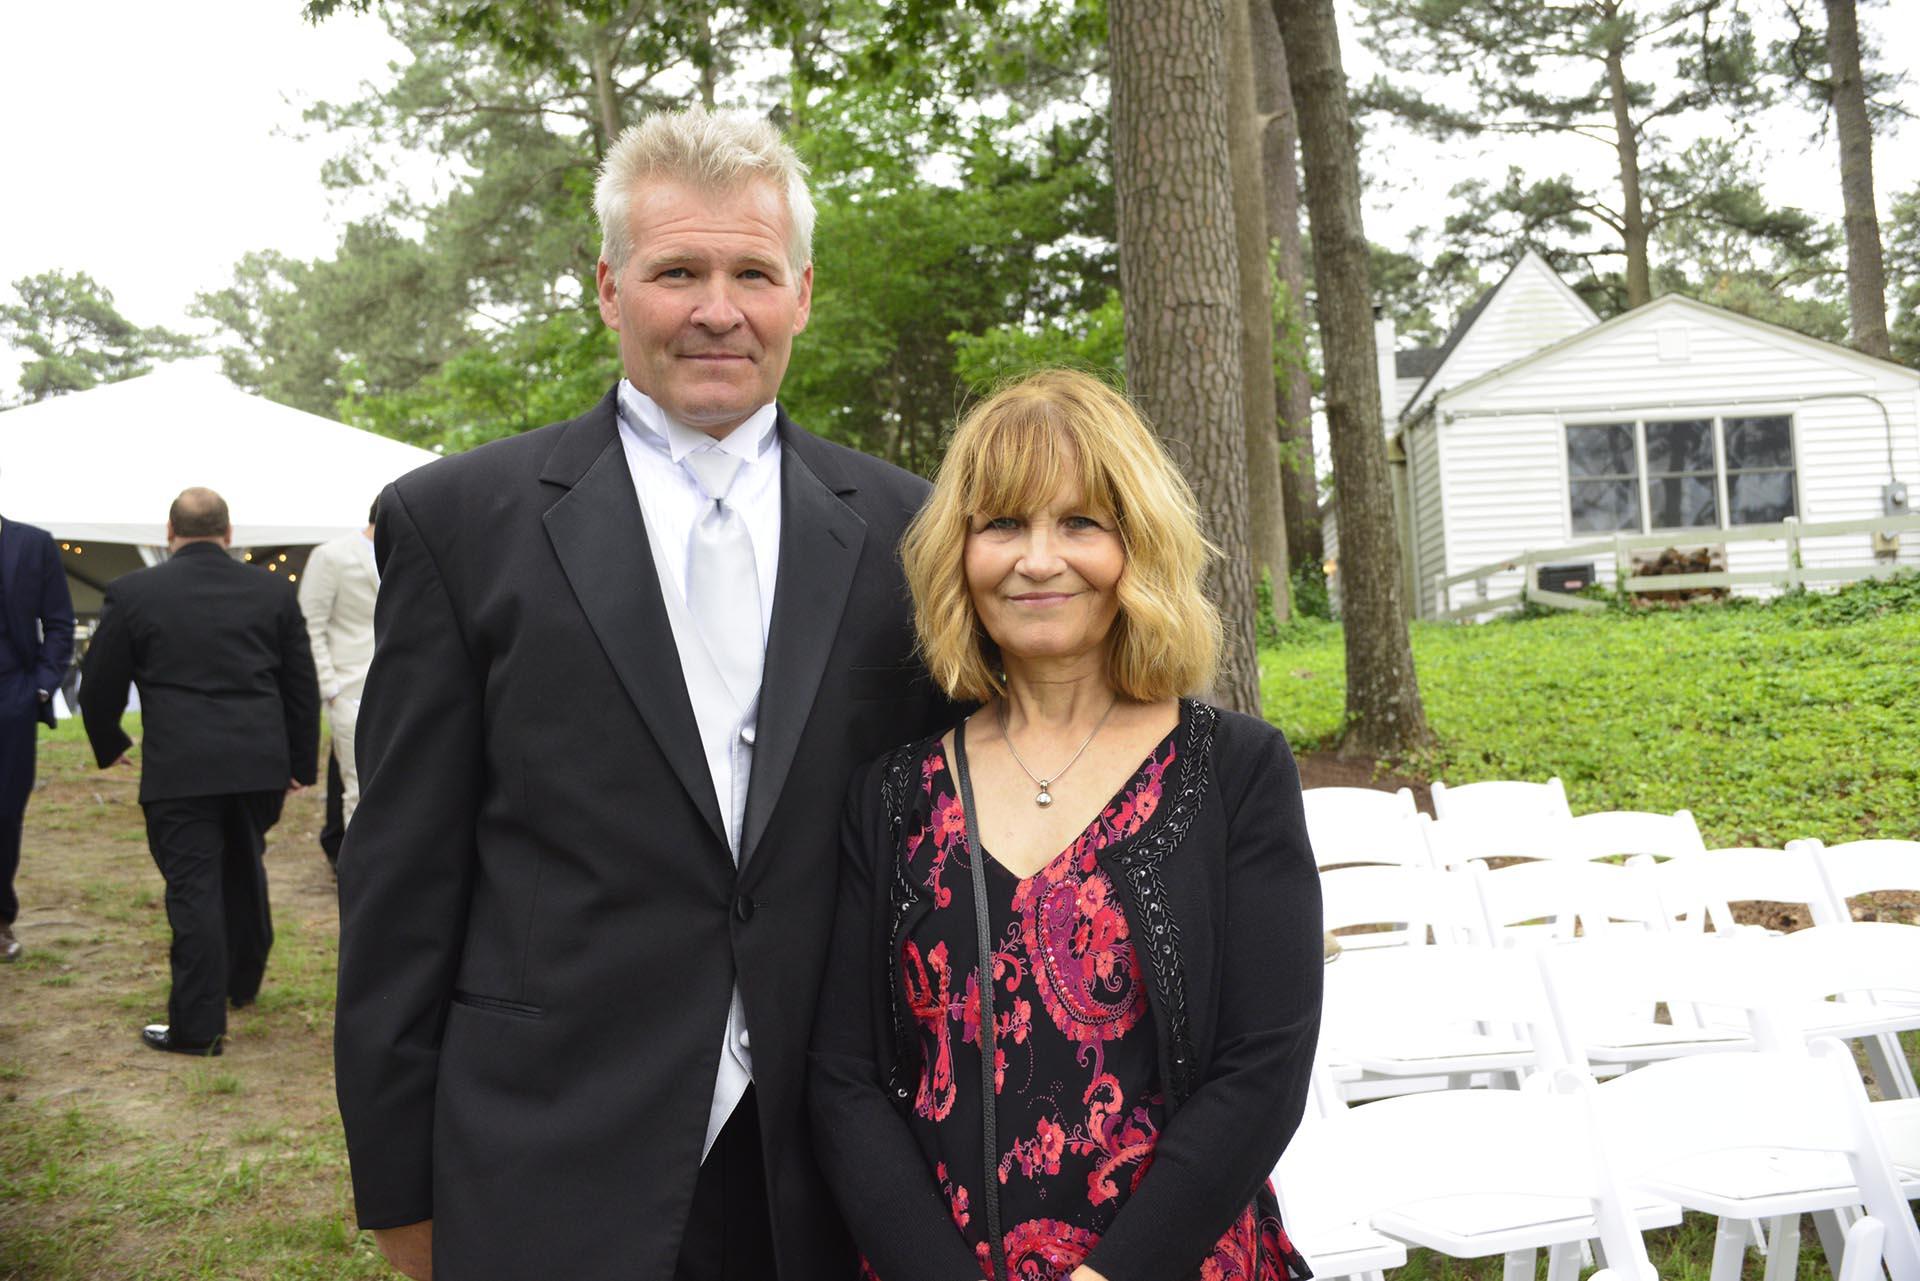 Wedding party's parents